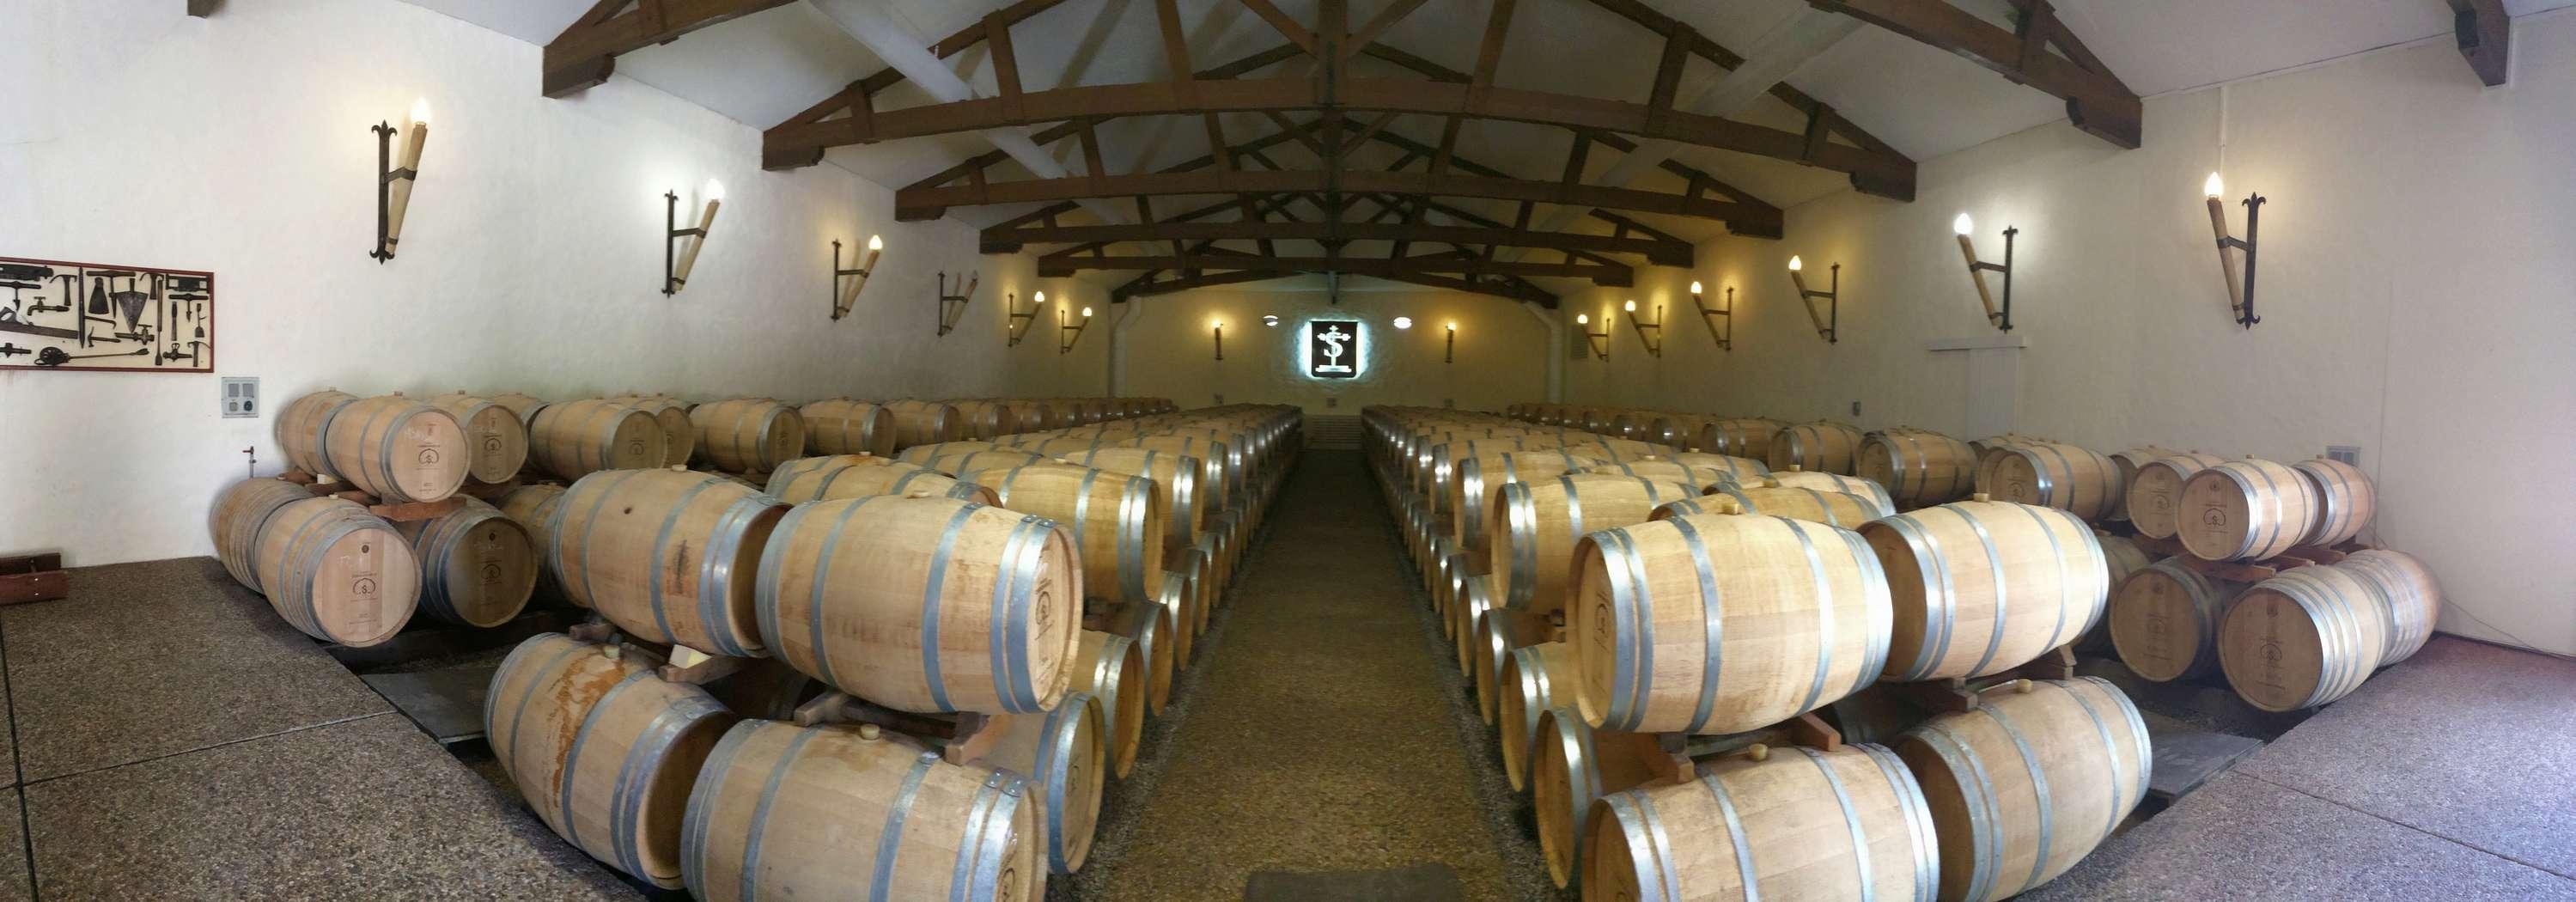 Le vignoble du Pessac Leognan - Page 15 Carbon60